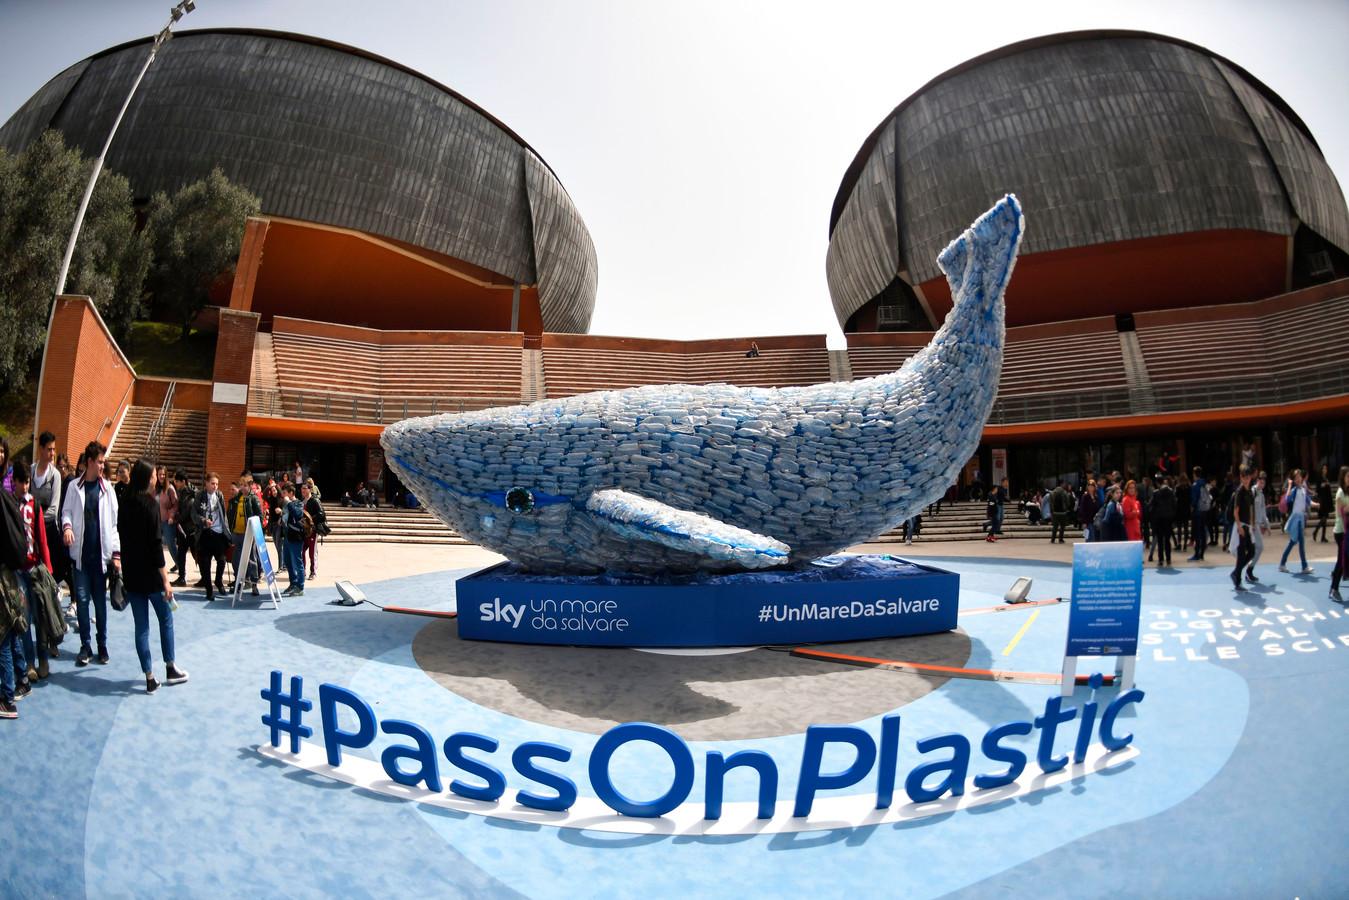 Voor het Auditorium 'Parco della Musica' in het centrum van Rome is door de actiegroep 'Sky Ocean Rescue-A Sea to Save' een 'Plasticus' geplaatst. Een walvis gemaakt van 250 kilo plastic afval. Het is dezelfde hoeveelheid plastic die iedere seconde in de oceanen terecht komt. De actiegroep wil met de plastic vis het probleem van de vervuiling onder de aandacht brengen. Foto Andreas Solaro